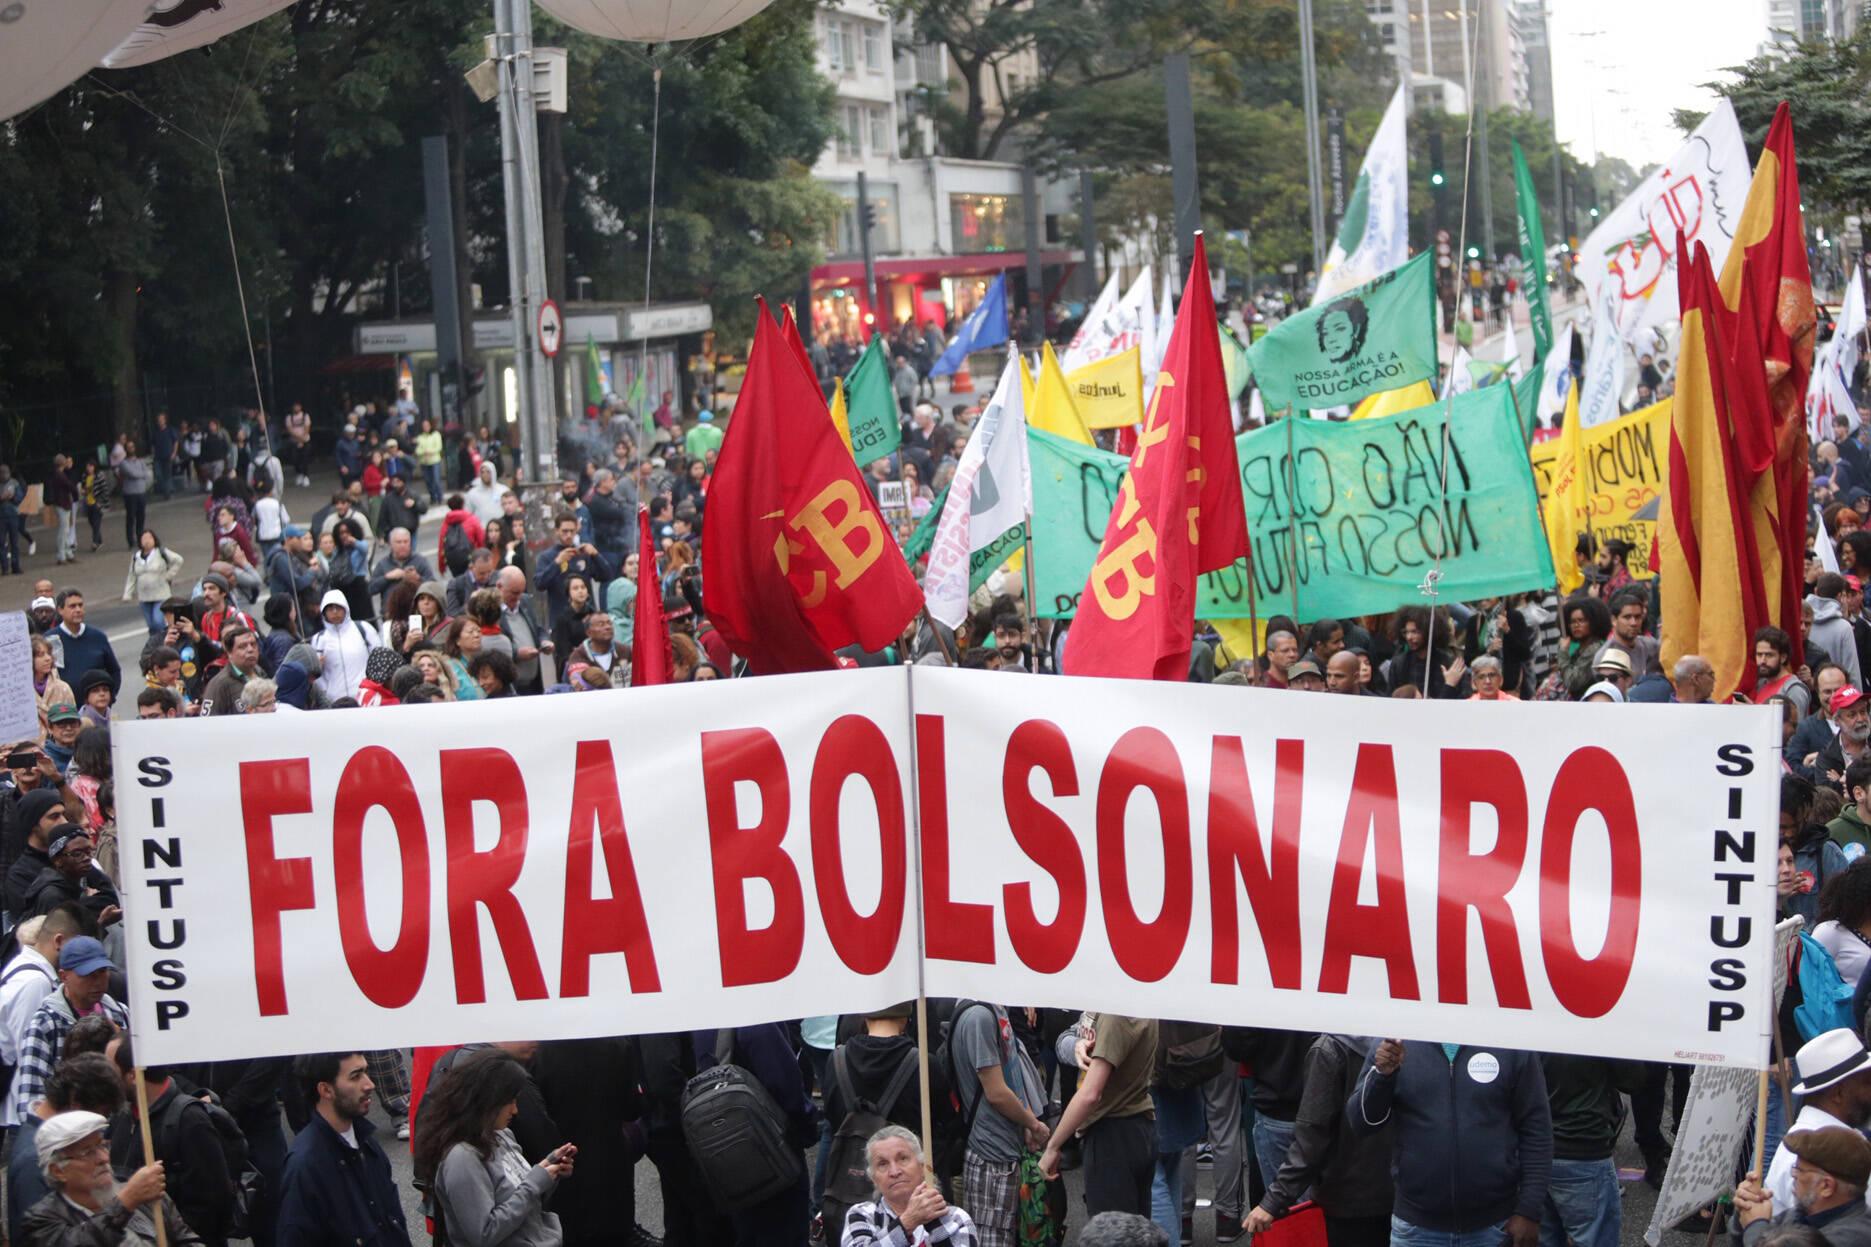 Manifestantes na avenida Paulista, em São Paulo. Foto: Paulo Pinto/Fotos Publicas - 13.8.19